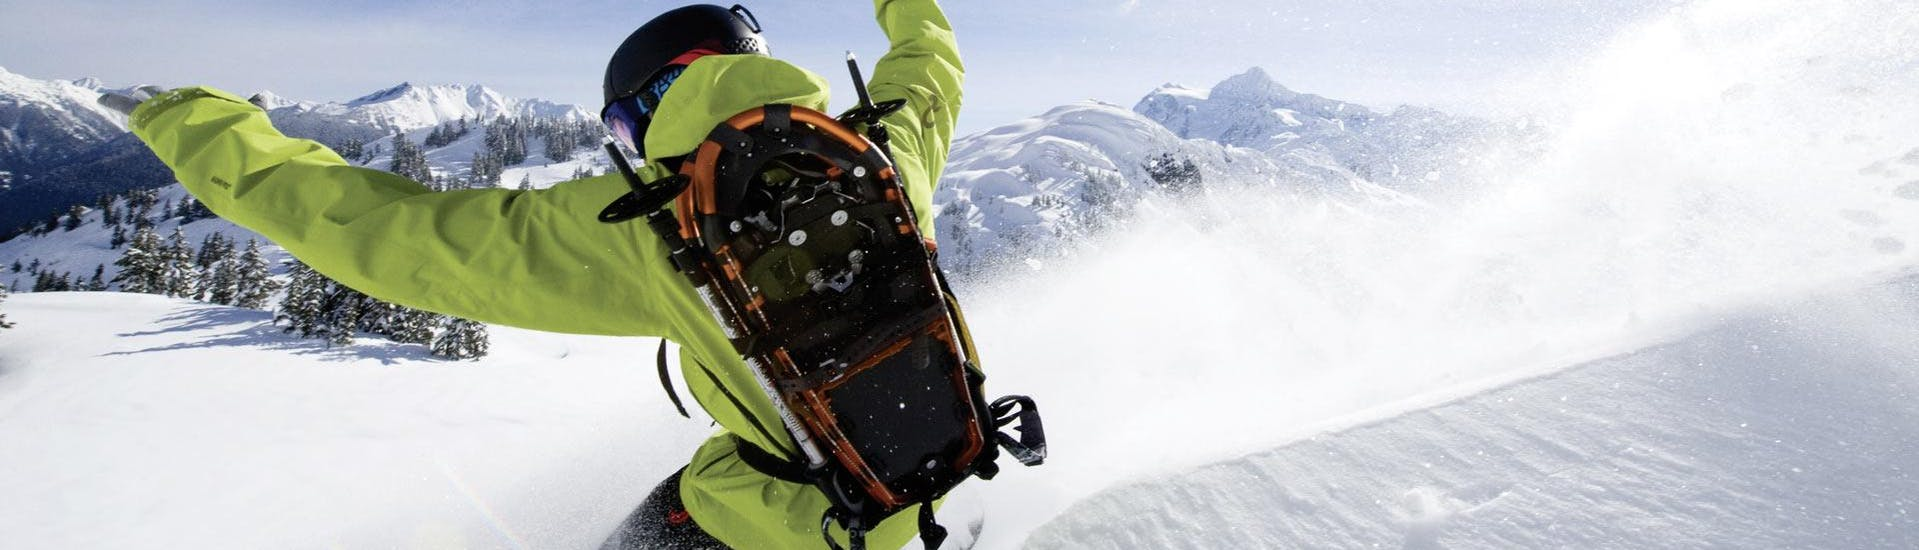 Snowboardkurs (ab 8 J.) für Fortgeschrittene